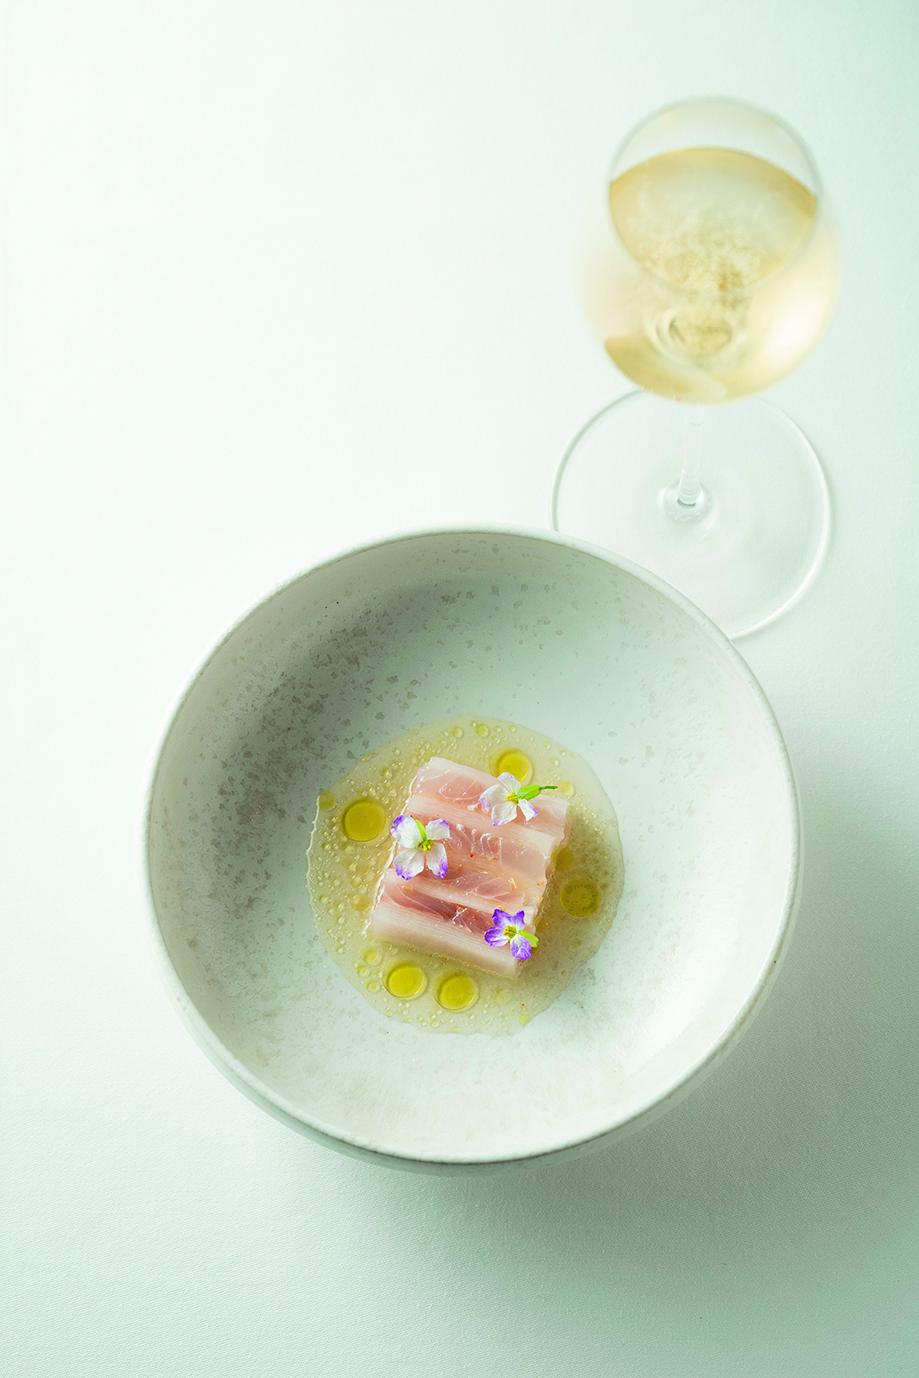 塩漬けレモンの皮や大根の花を添えた「イサキと大根のミルフィーユ仕立て」に、「クレモンペルスヴァル ブラン・ド・ブラン ブリュット」(ボトル¥12,000)を合わせて。